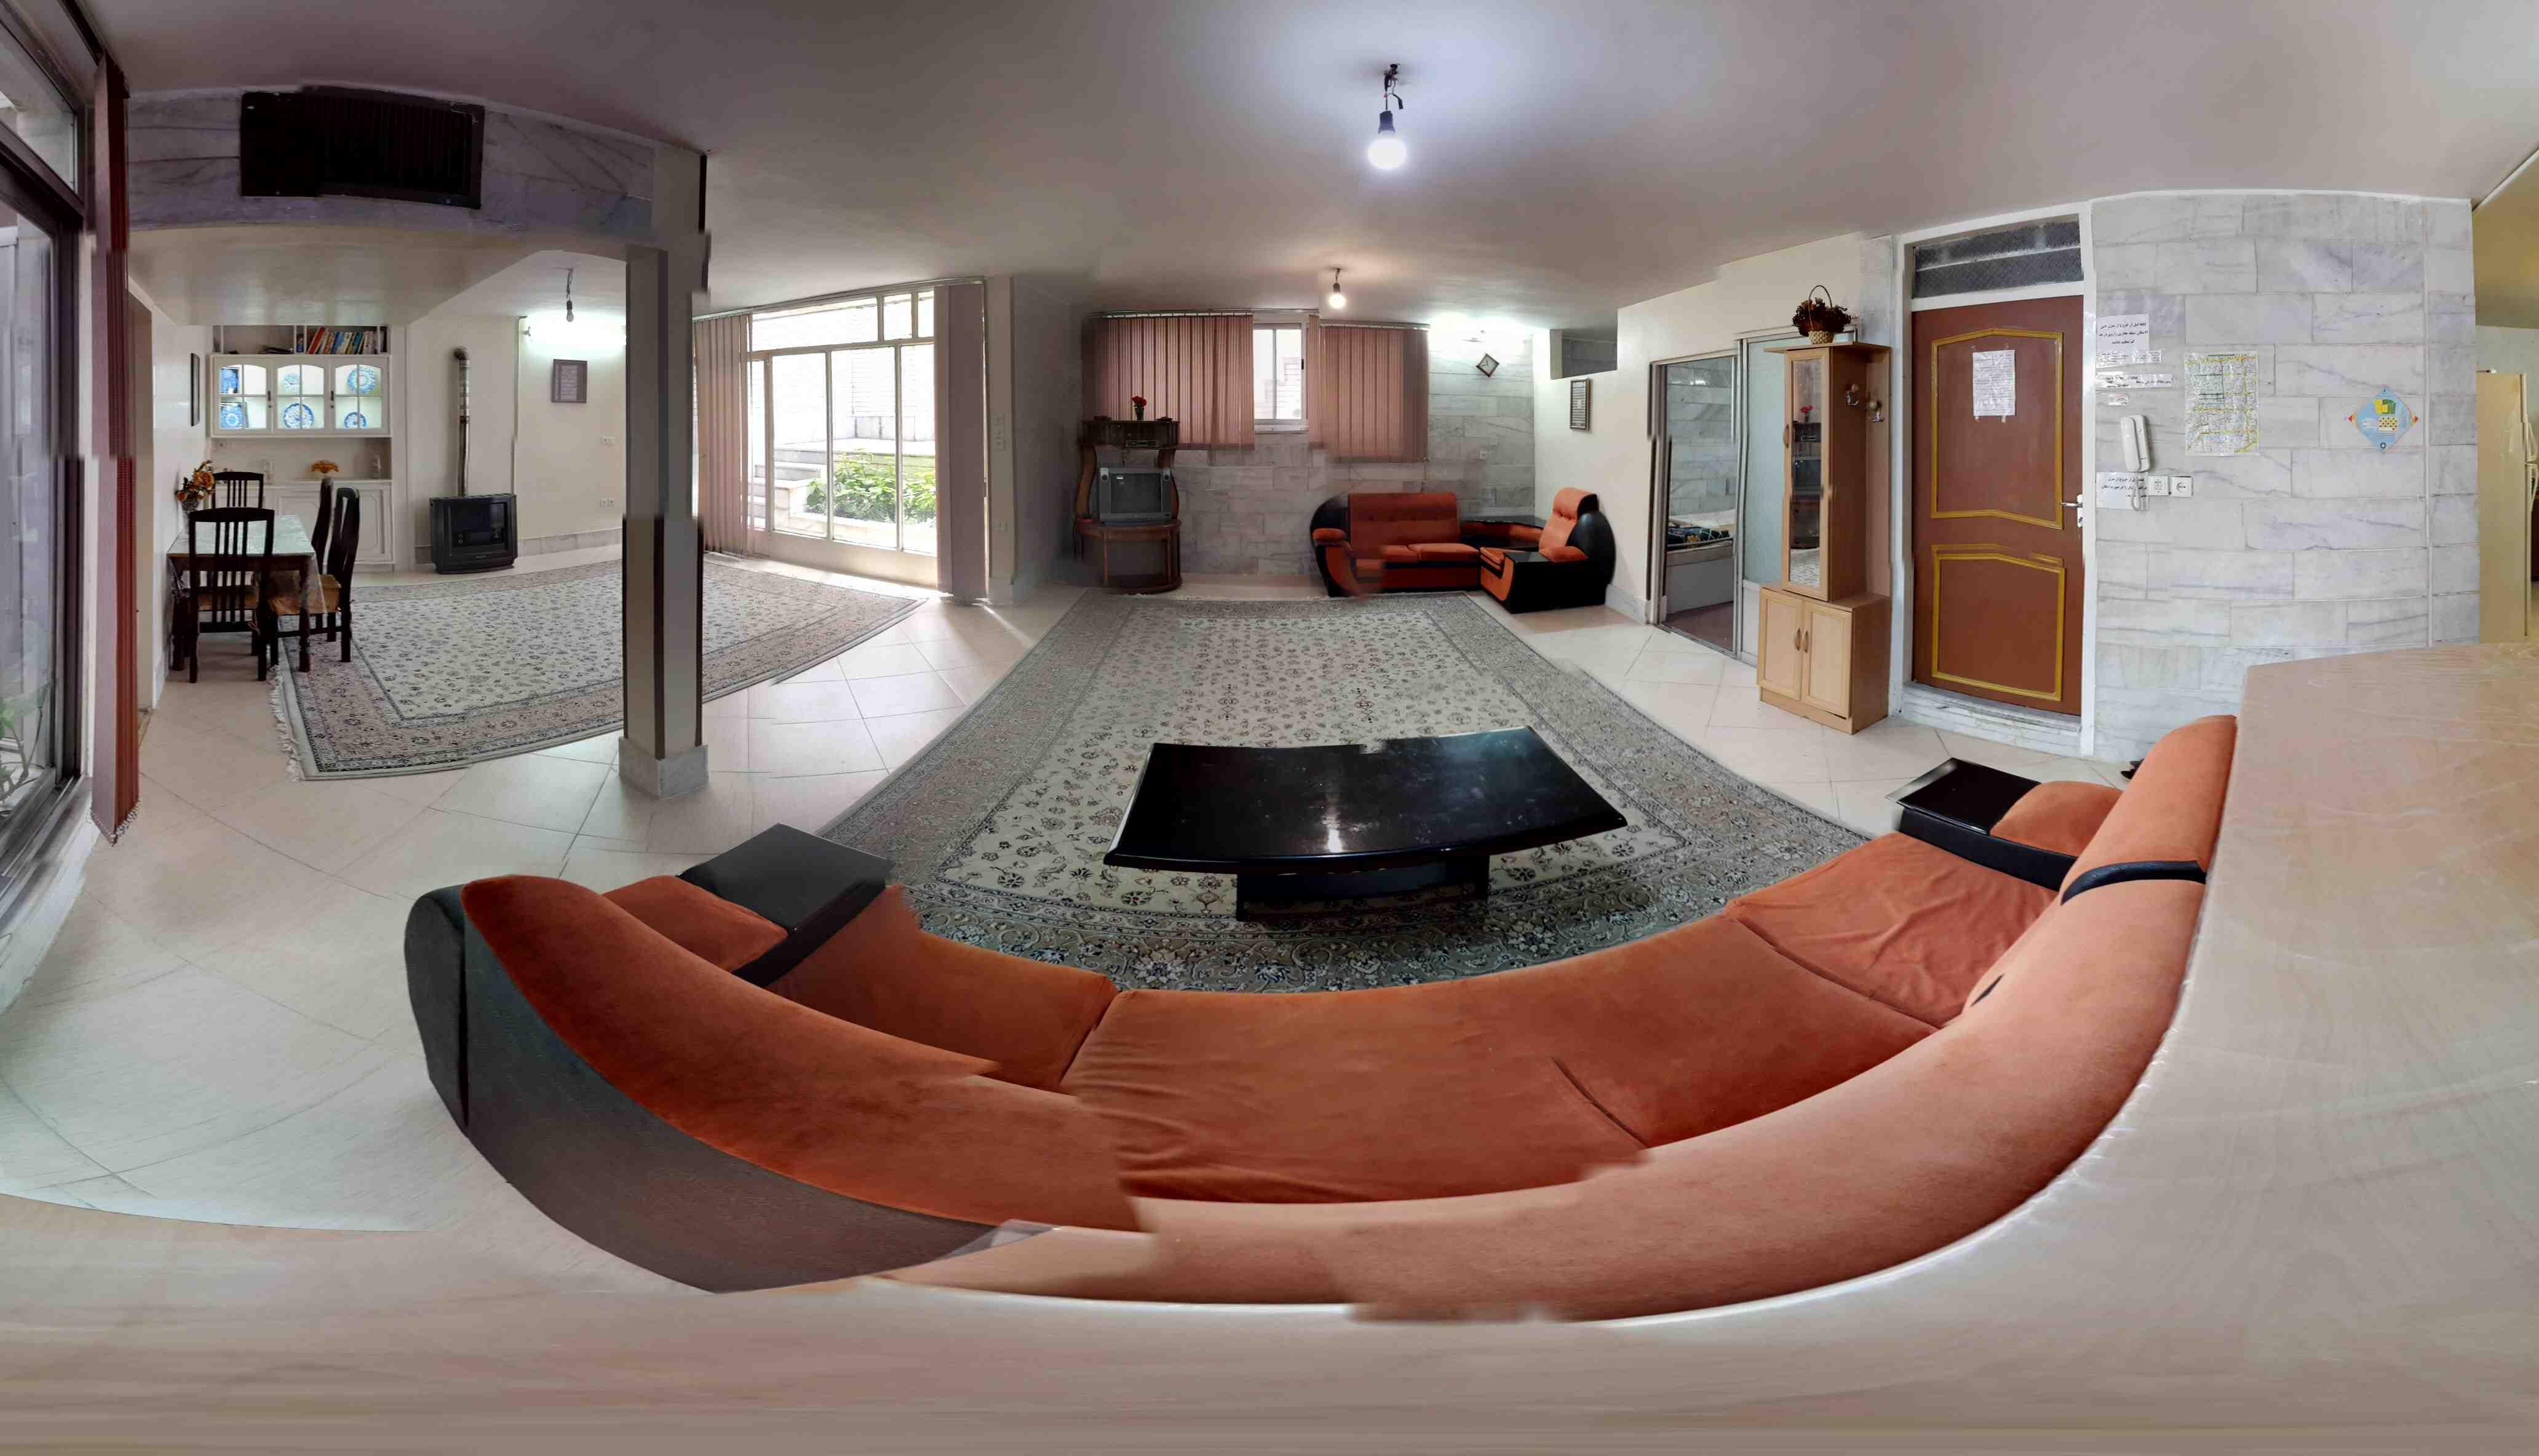 townee آپارتمان مبله در طالقانی اصفهان